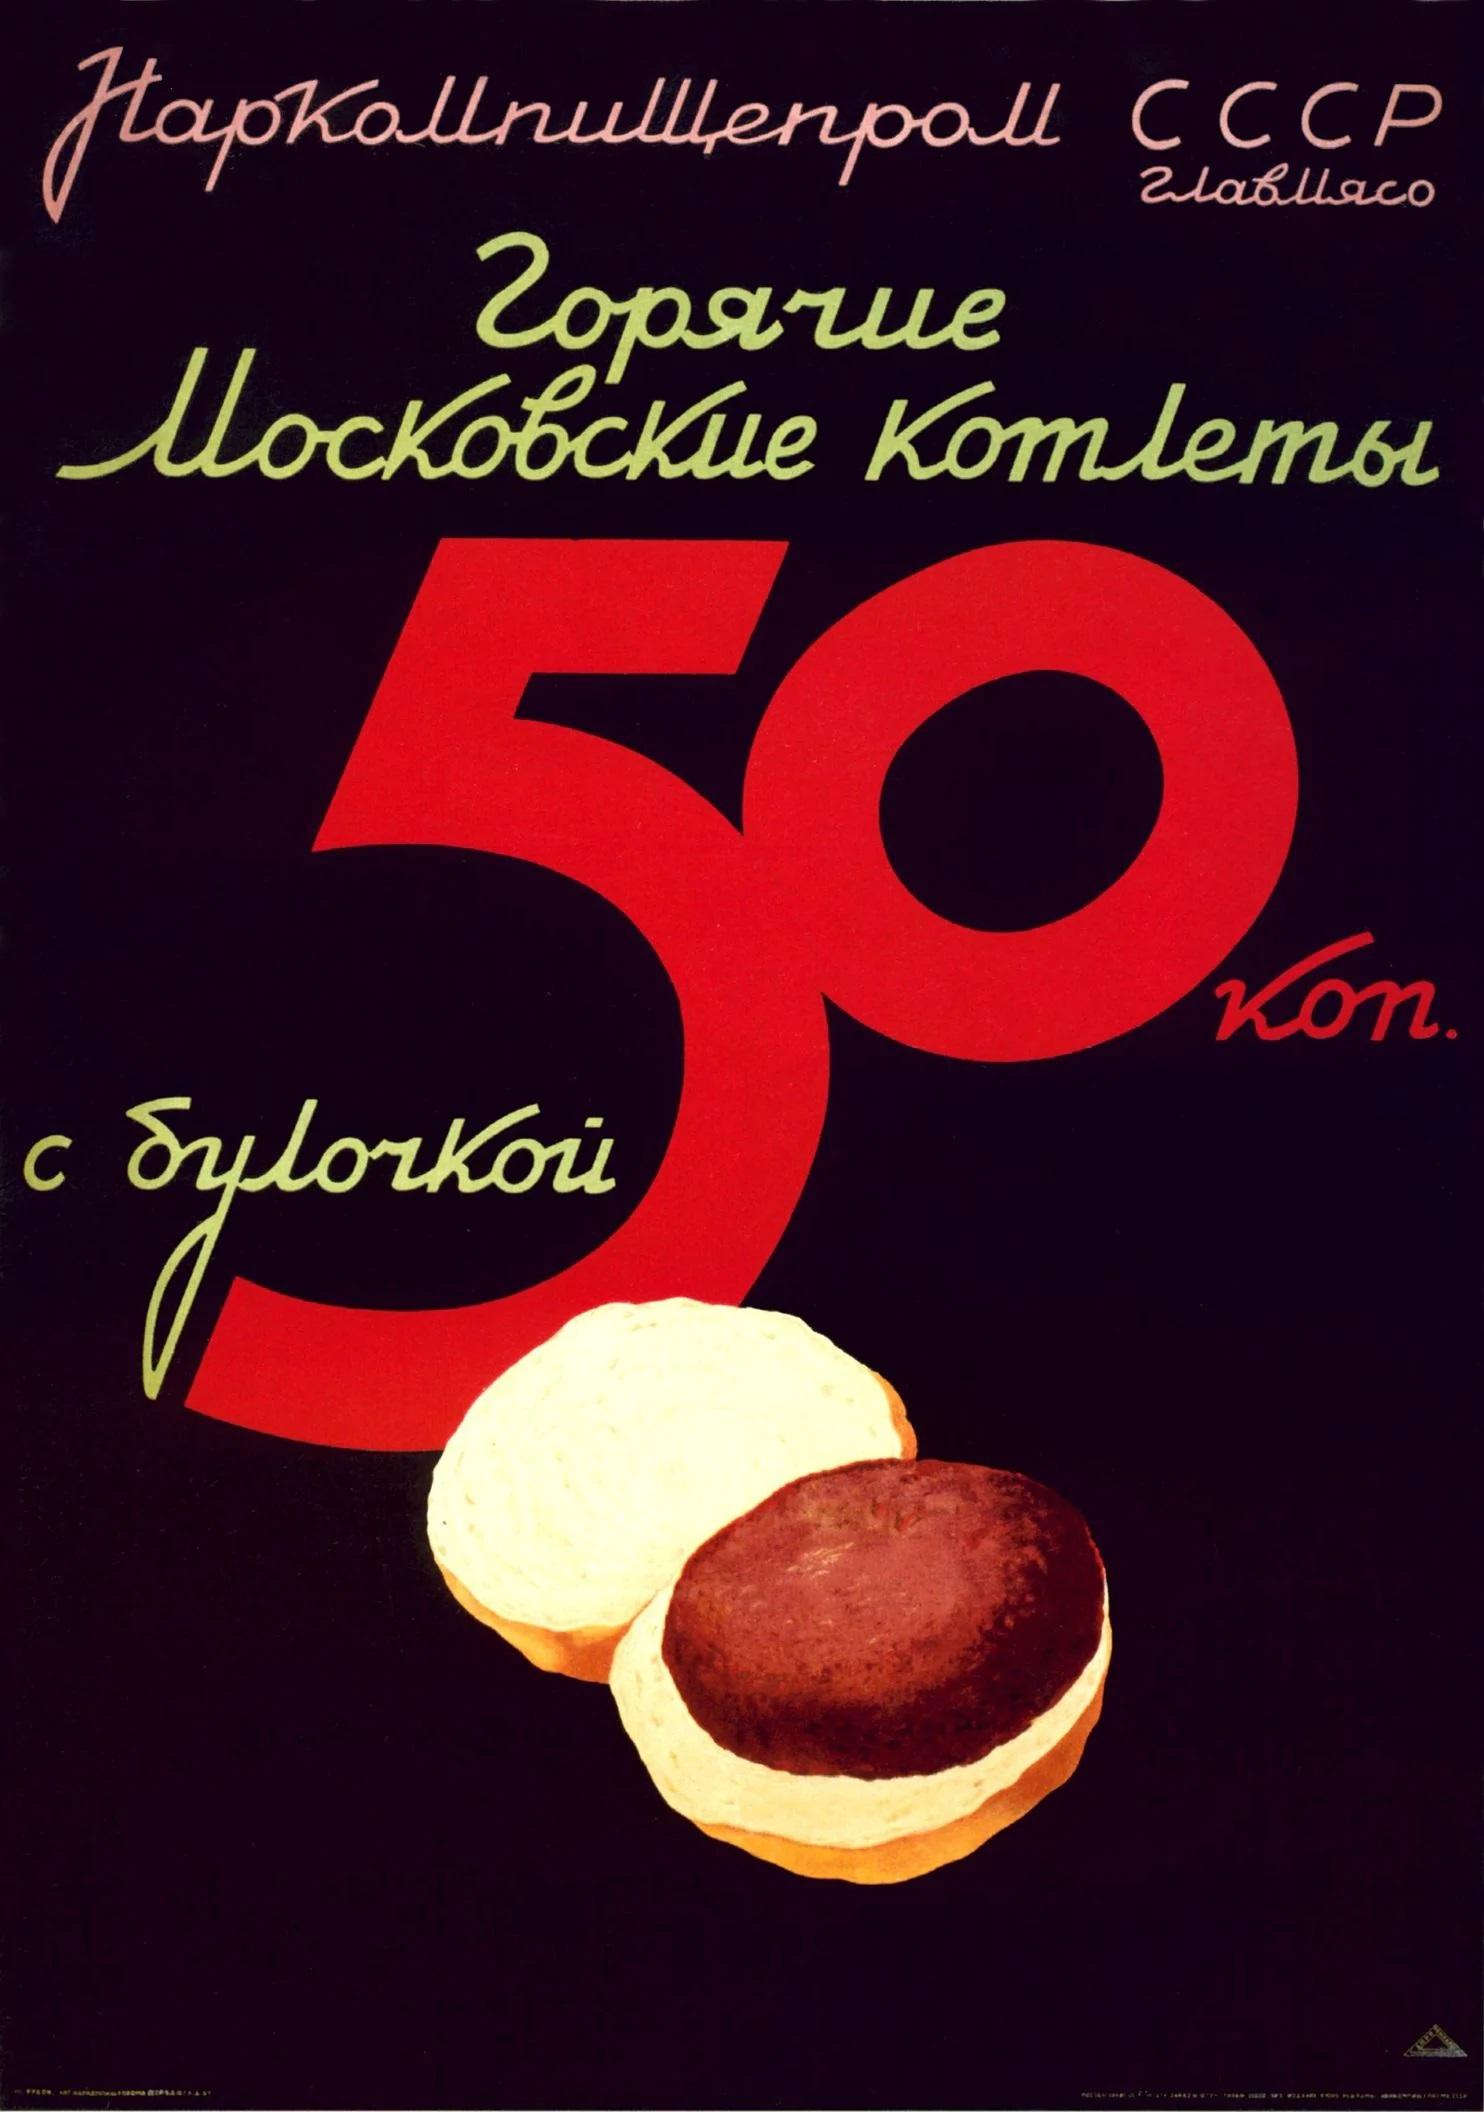 Плакат Народного комиссариата пищевой промышленности 1937 года рекламирует «Горячие московские котлеты с булочкой»